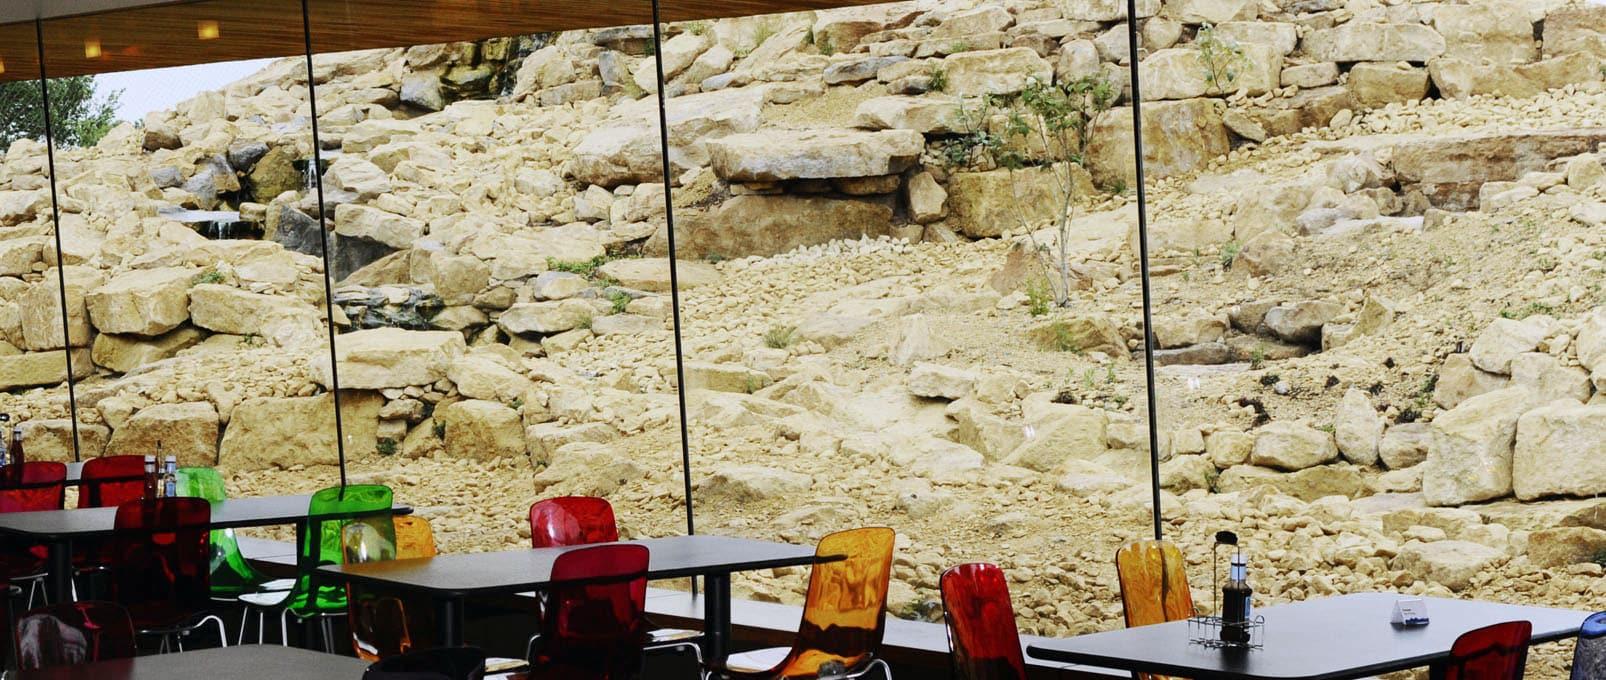 Frameless heated glass zoo cafe wall